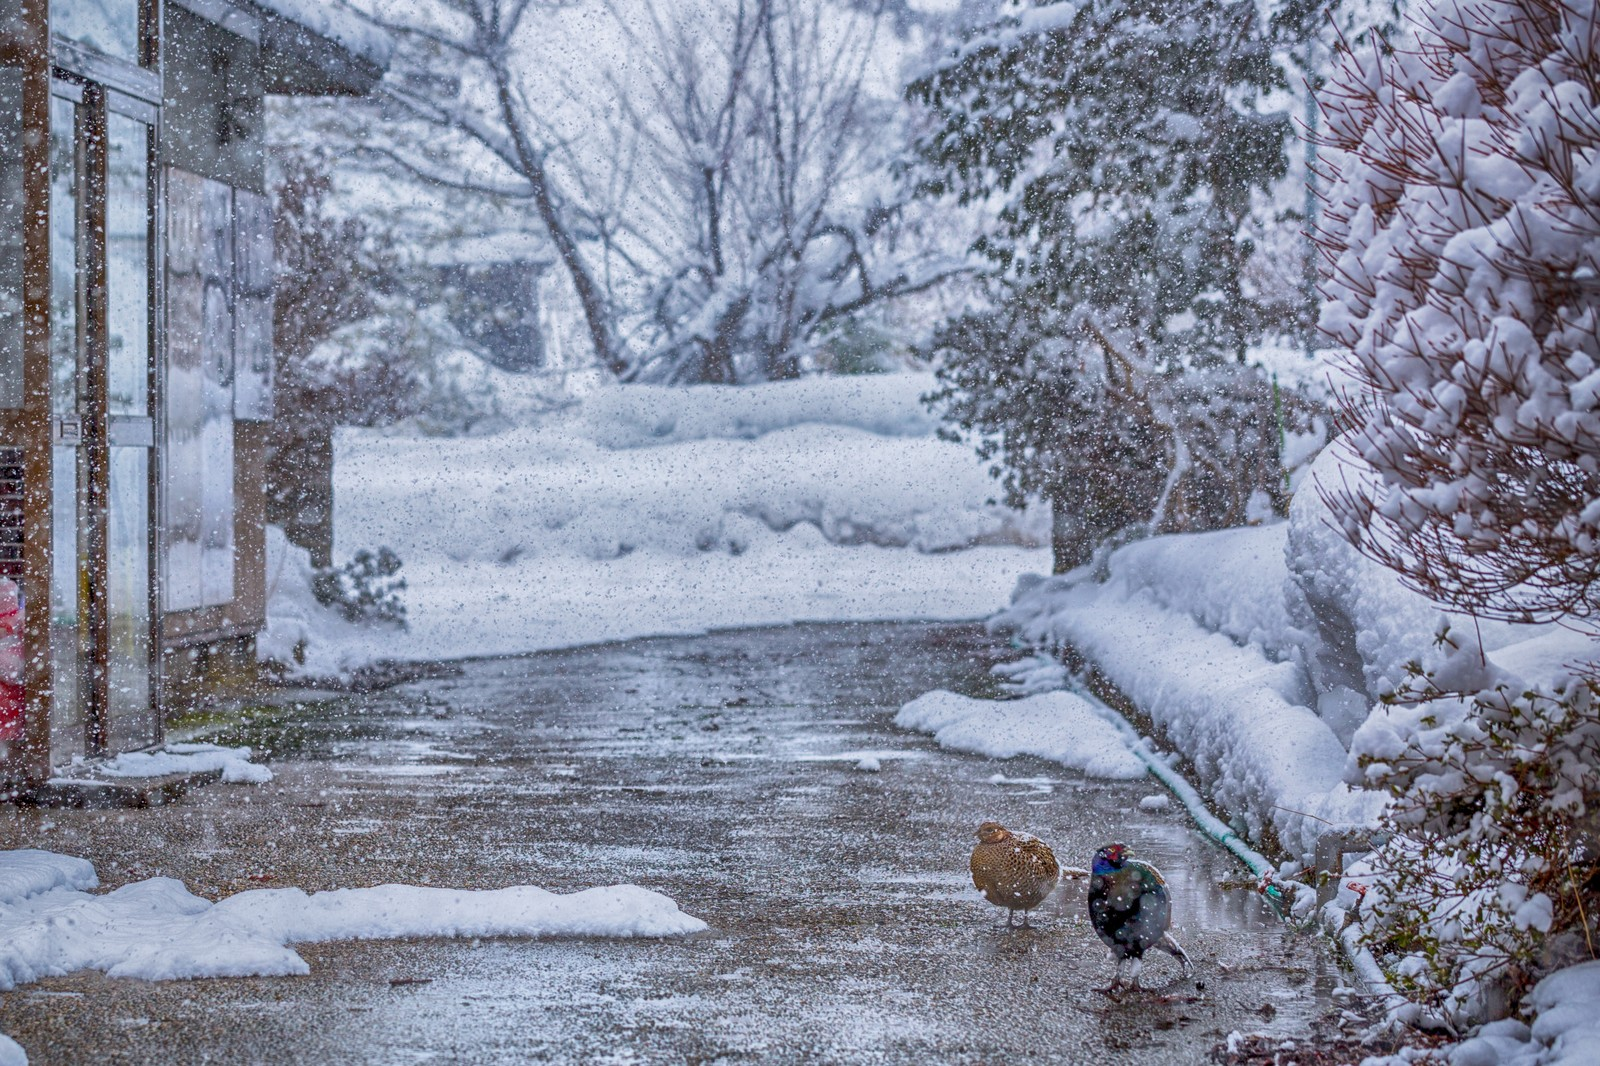 「キジ夫婦「めっちゃ雪降ってきた」キジ夫婦「めっちゃ雪降ってきた」」のフリー写真素材を拡大